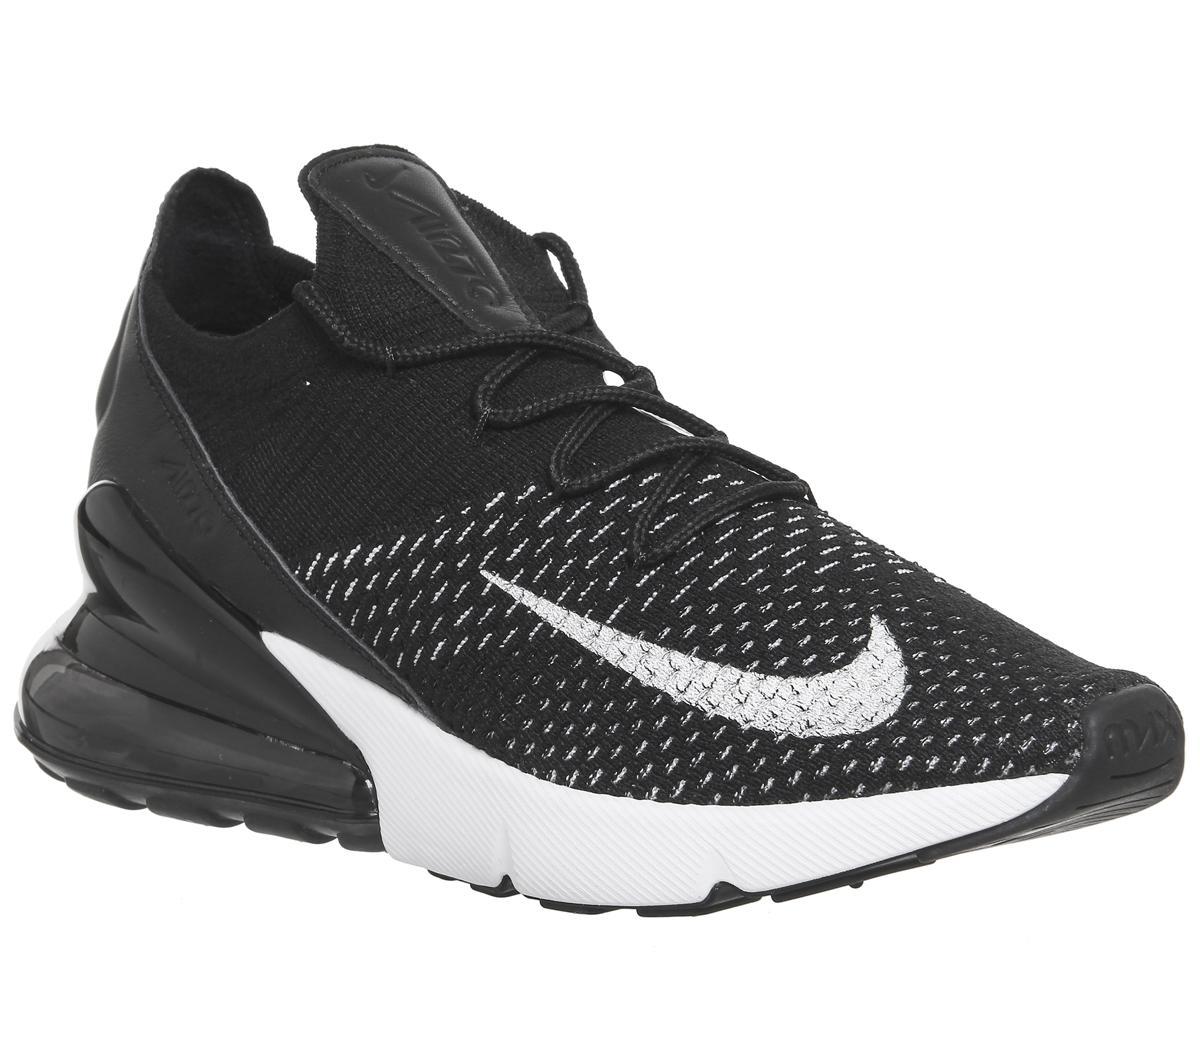 Niños De todos modos dominio  Nike Air Max 270 Flyknit Black White White - Hers trainers